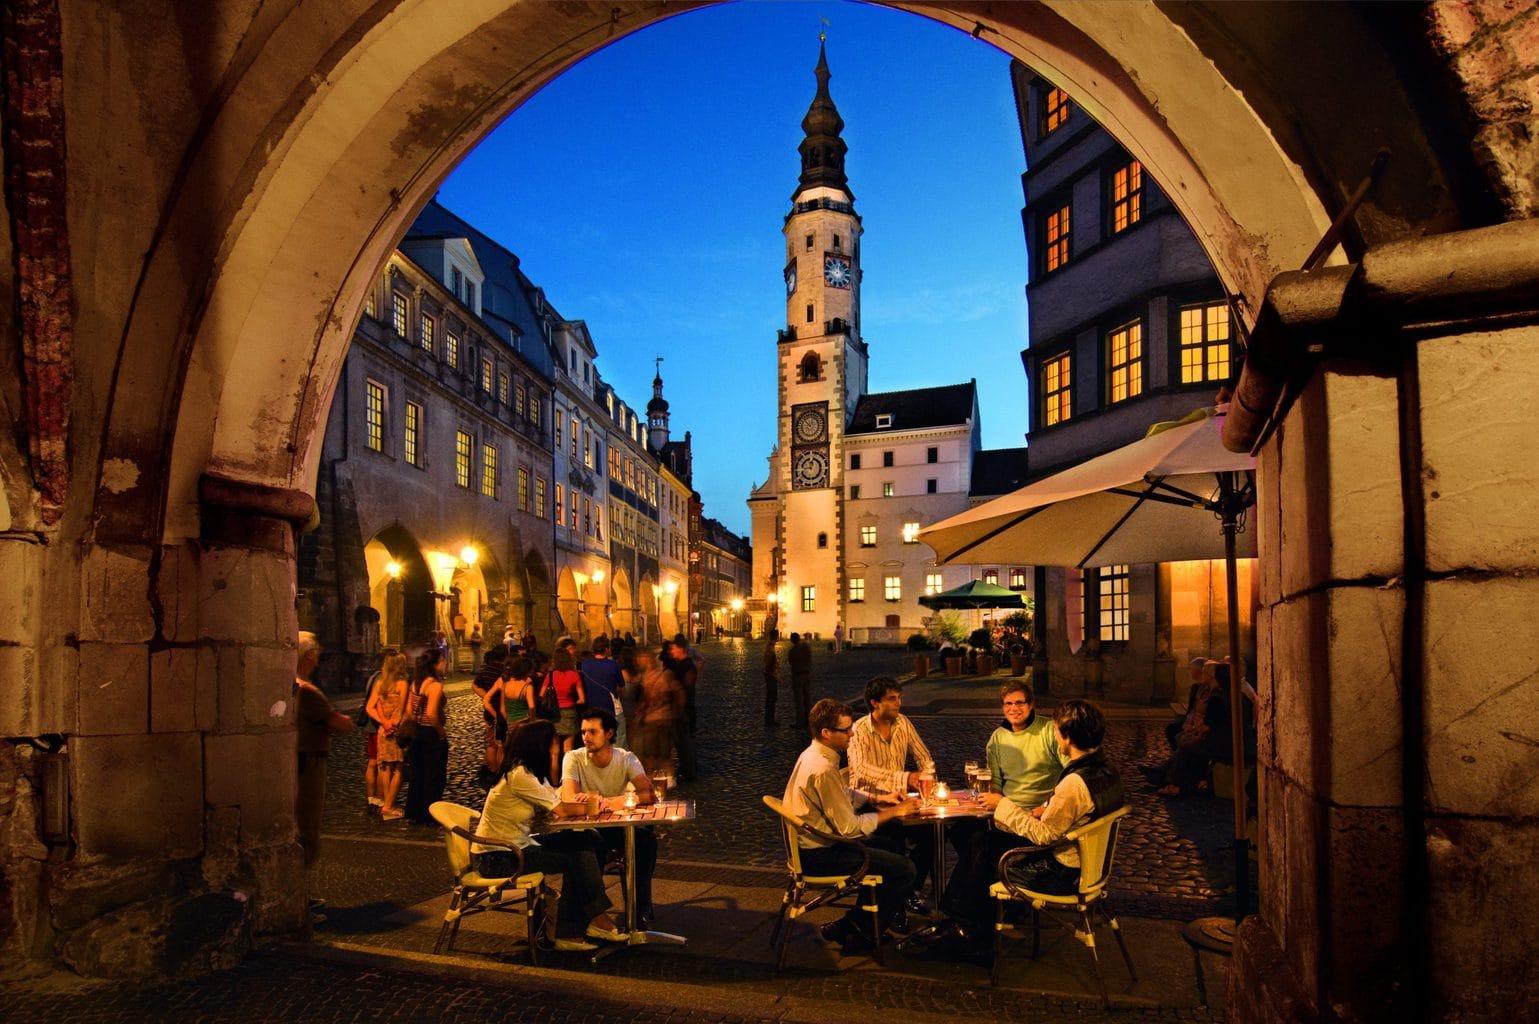 De binnenstad van Görlitz in Saksen in de avondschemering